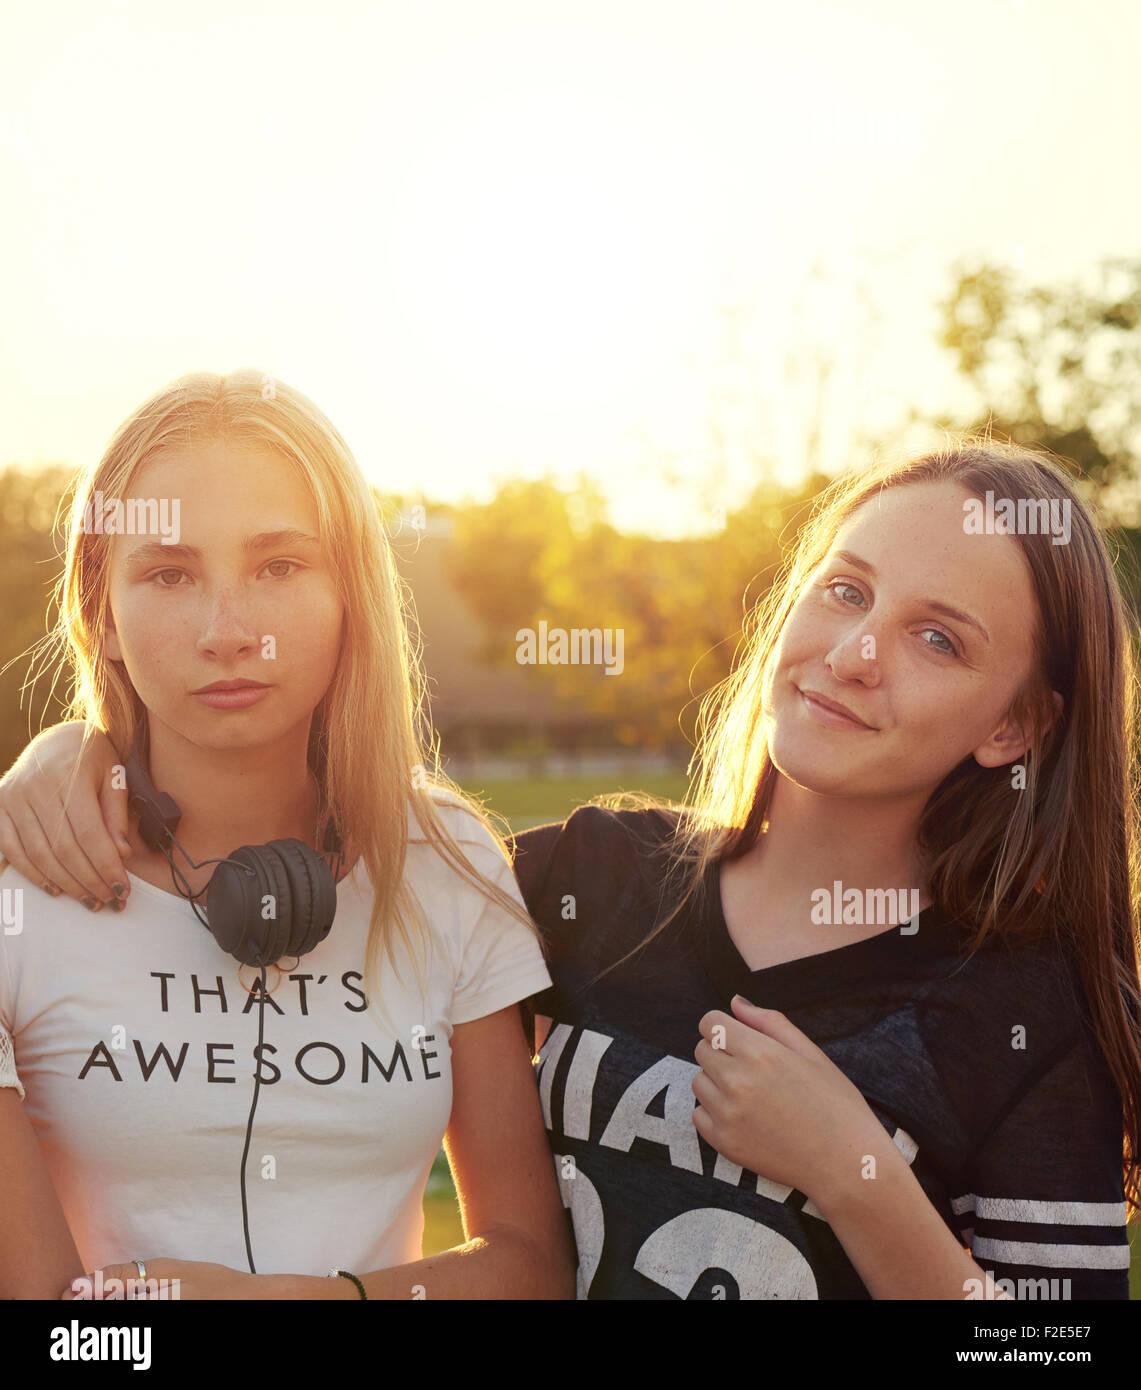 Due ragazze adolescenti al di fuori di una serata estiva Immagini Stock